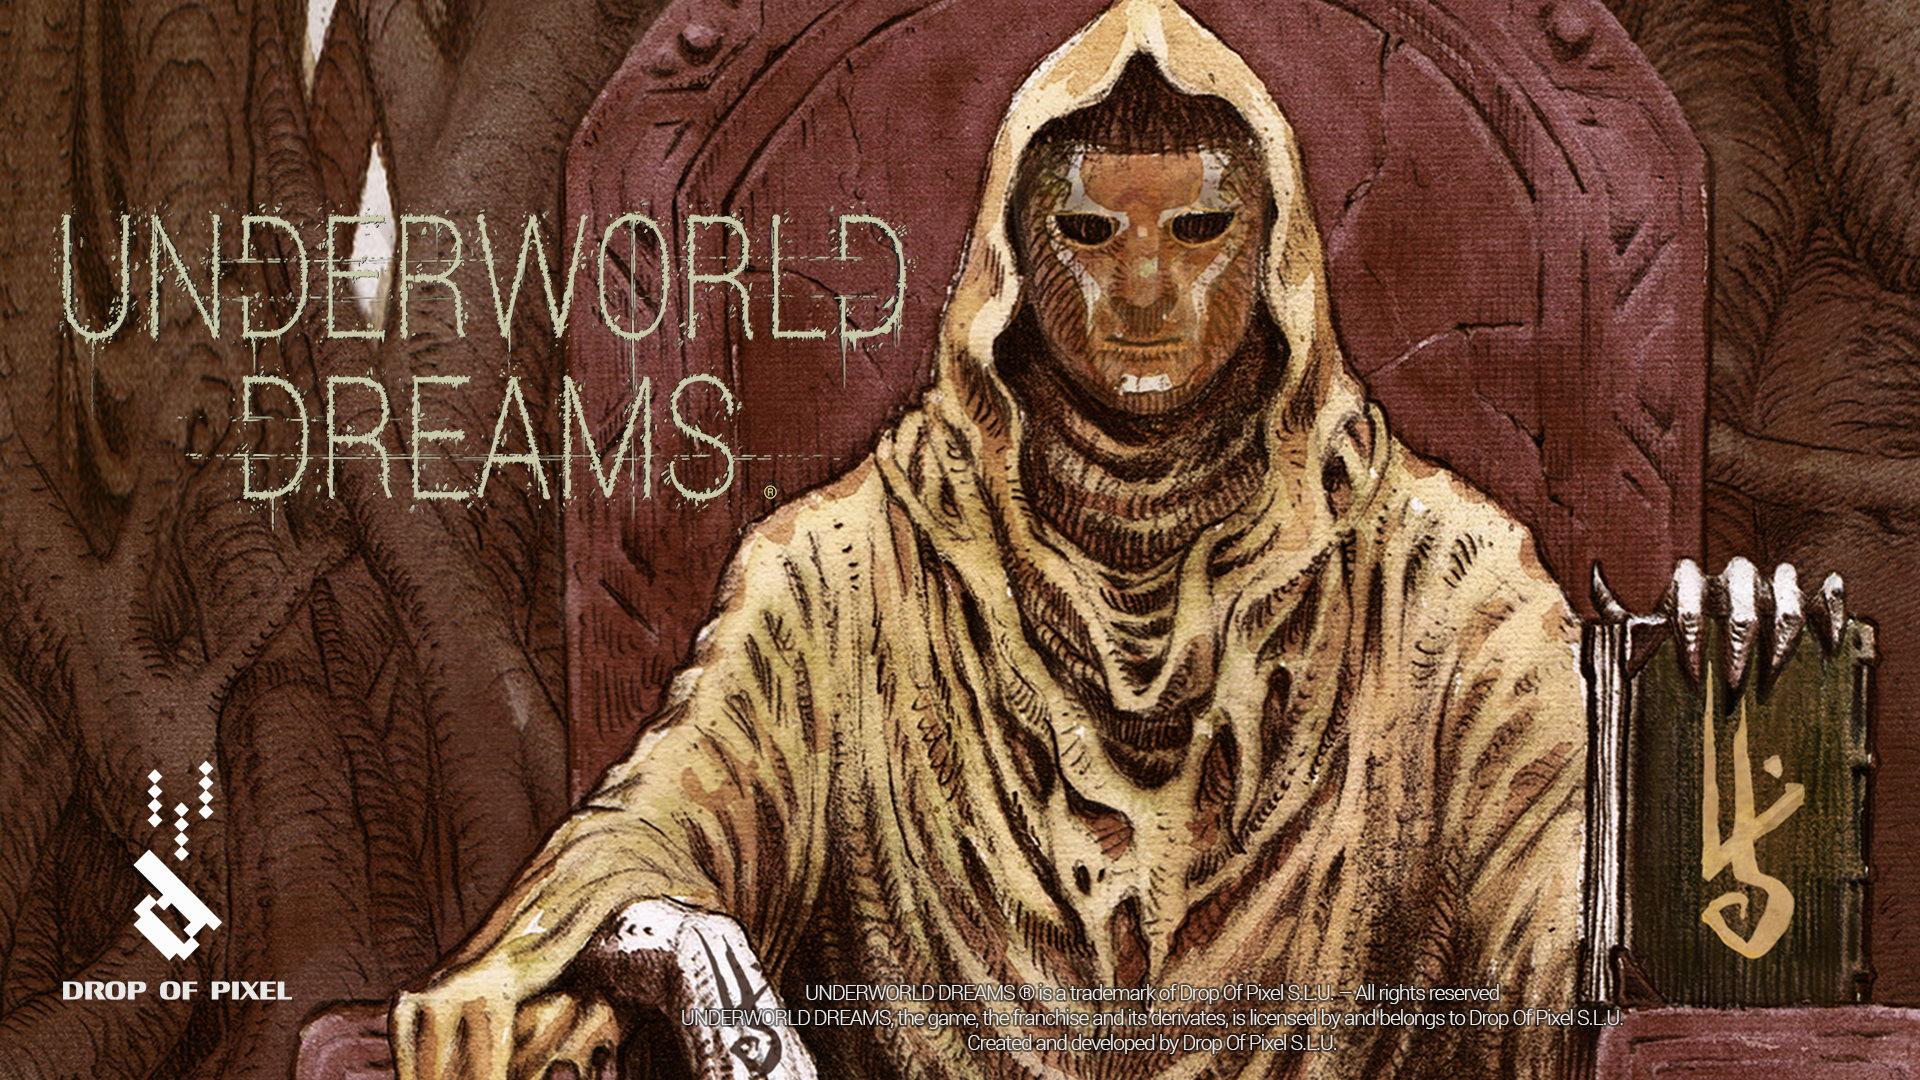 恐怖冒险游戏《地底幻梦》公布 阴森黑暗让人颤抖